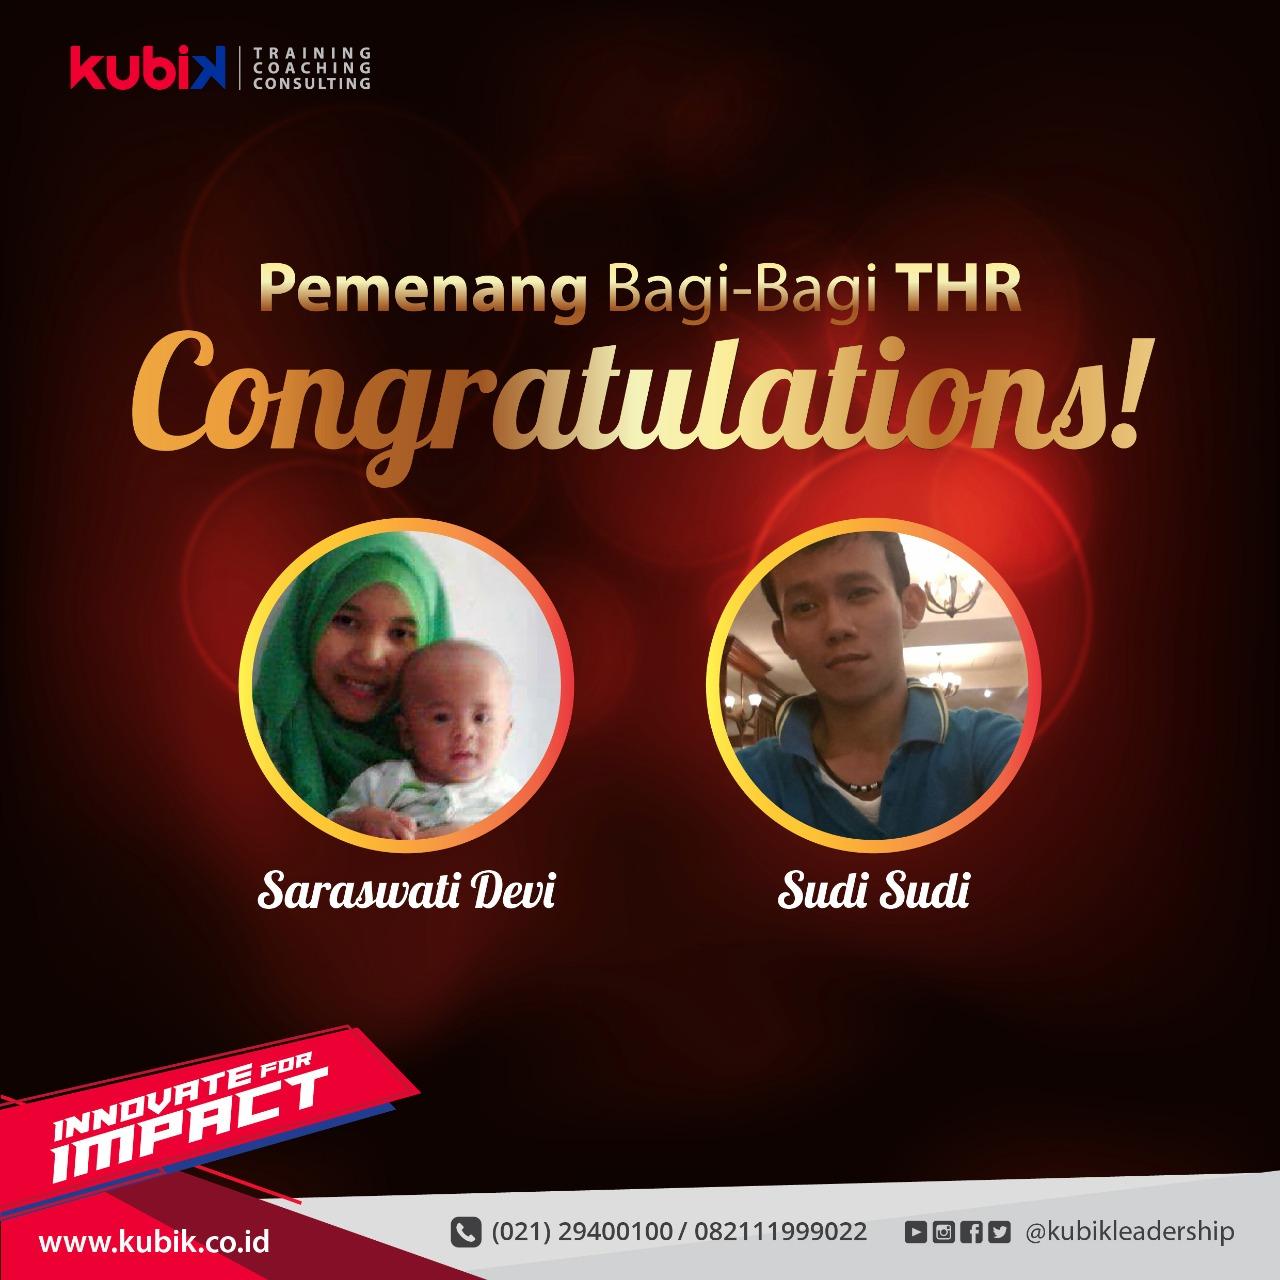 Pemenang Kuis Bagi-Bagi THR